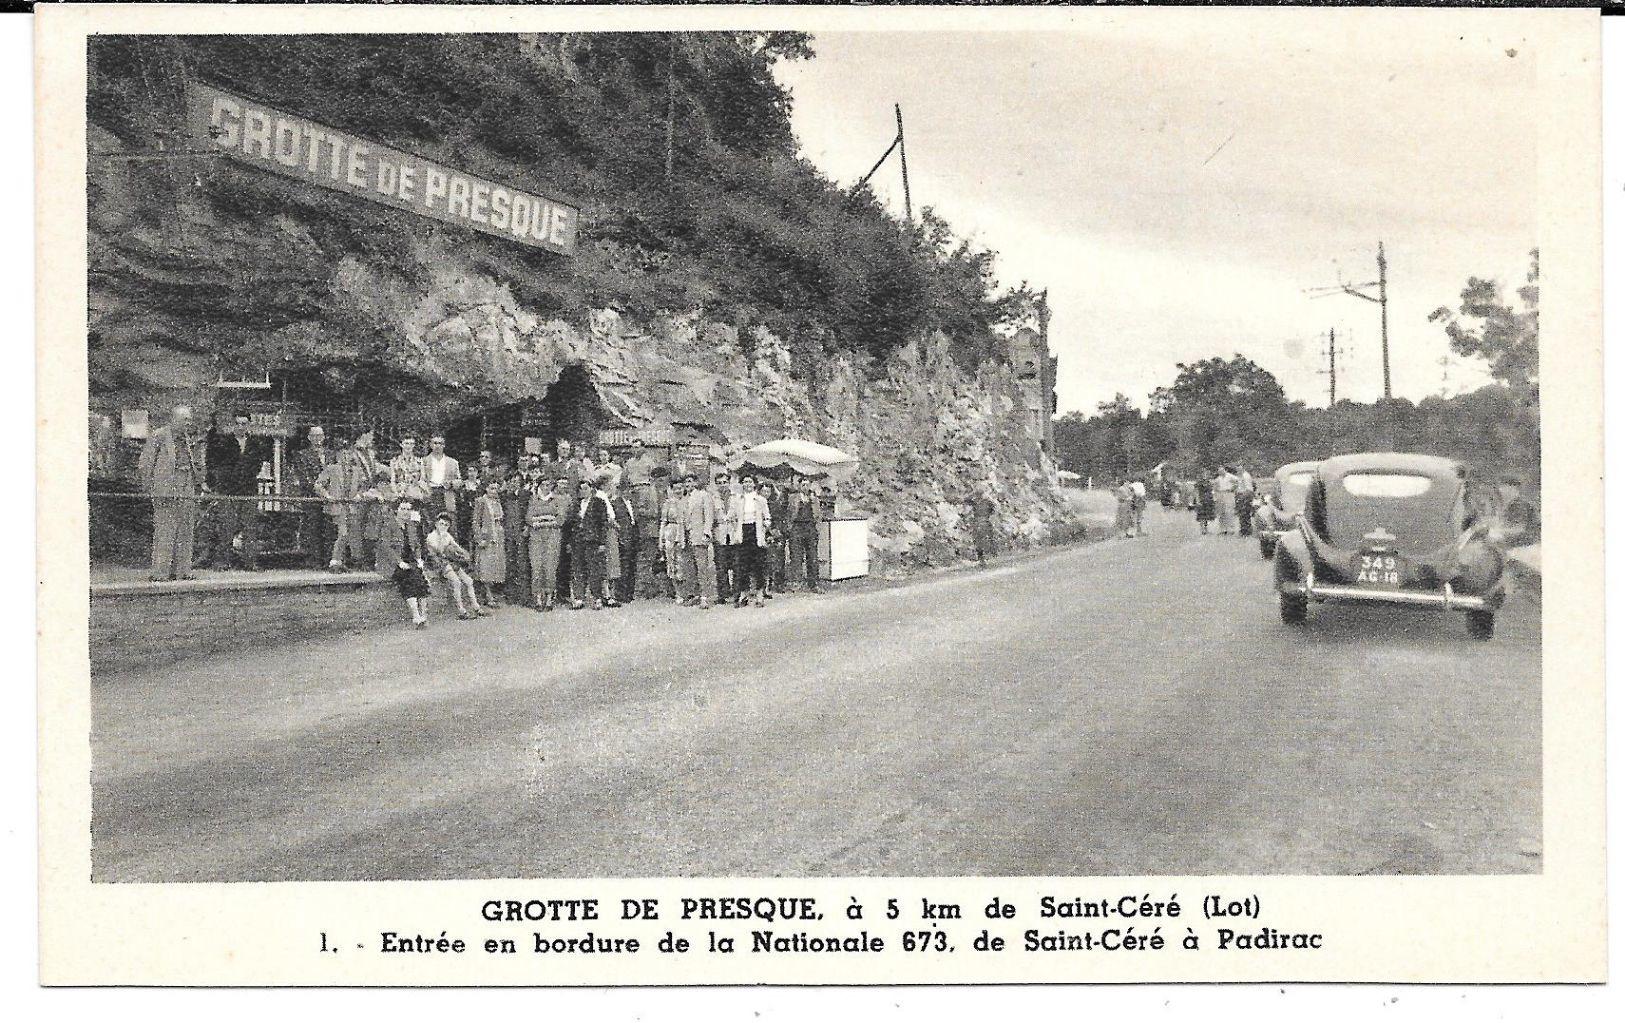 Cpa Grotte De Presque - Entrée En Bordure De Nationale 673 De Saint-Céré à Padirac . - Saint-Céré